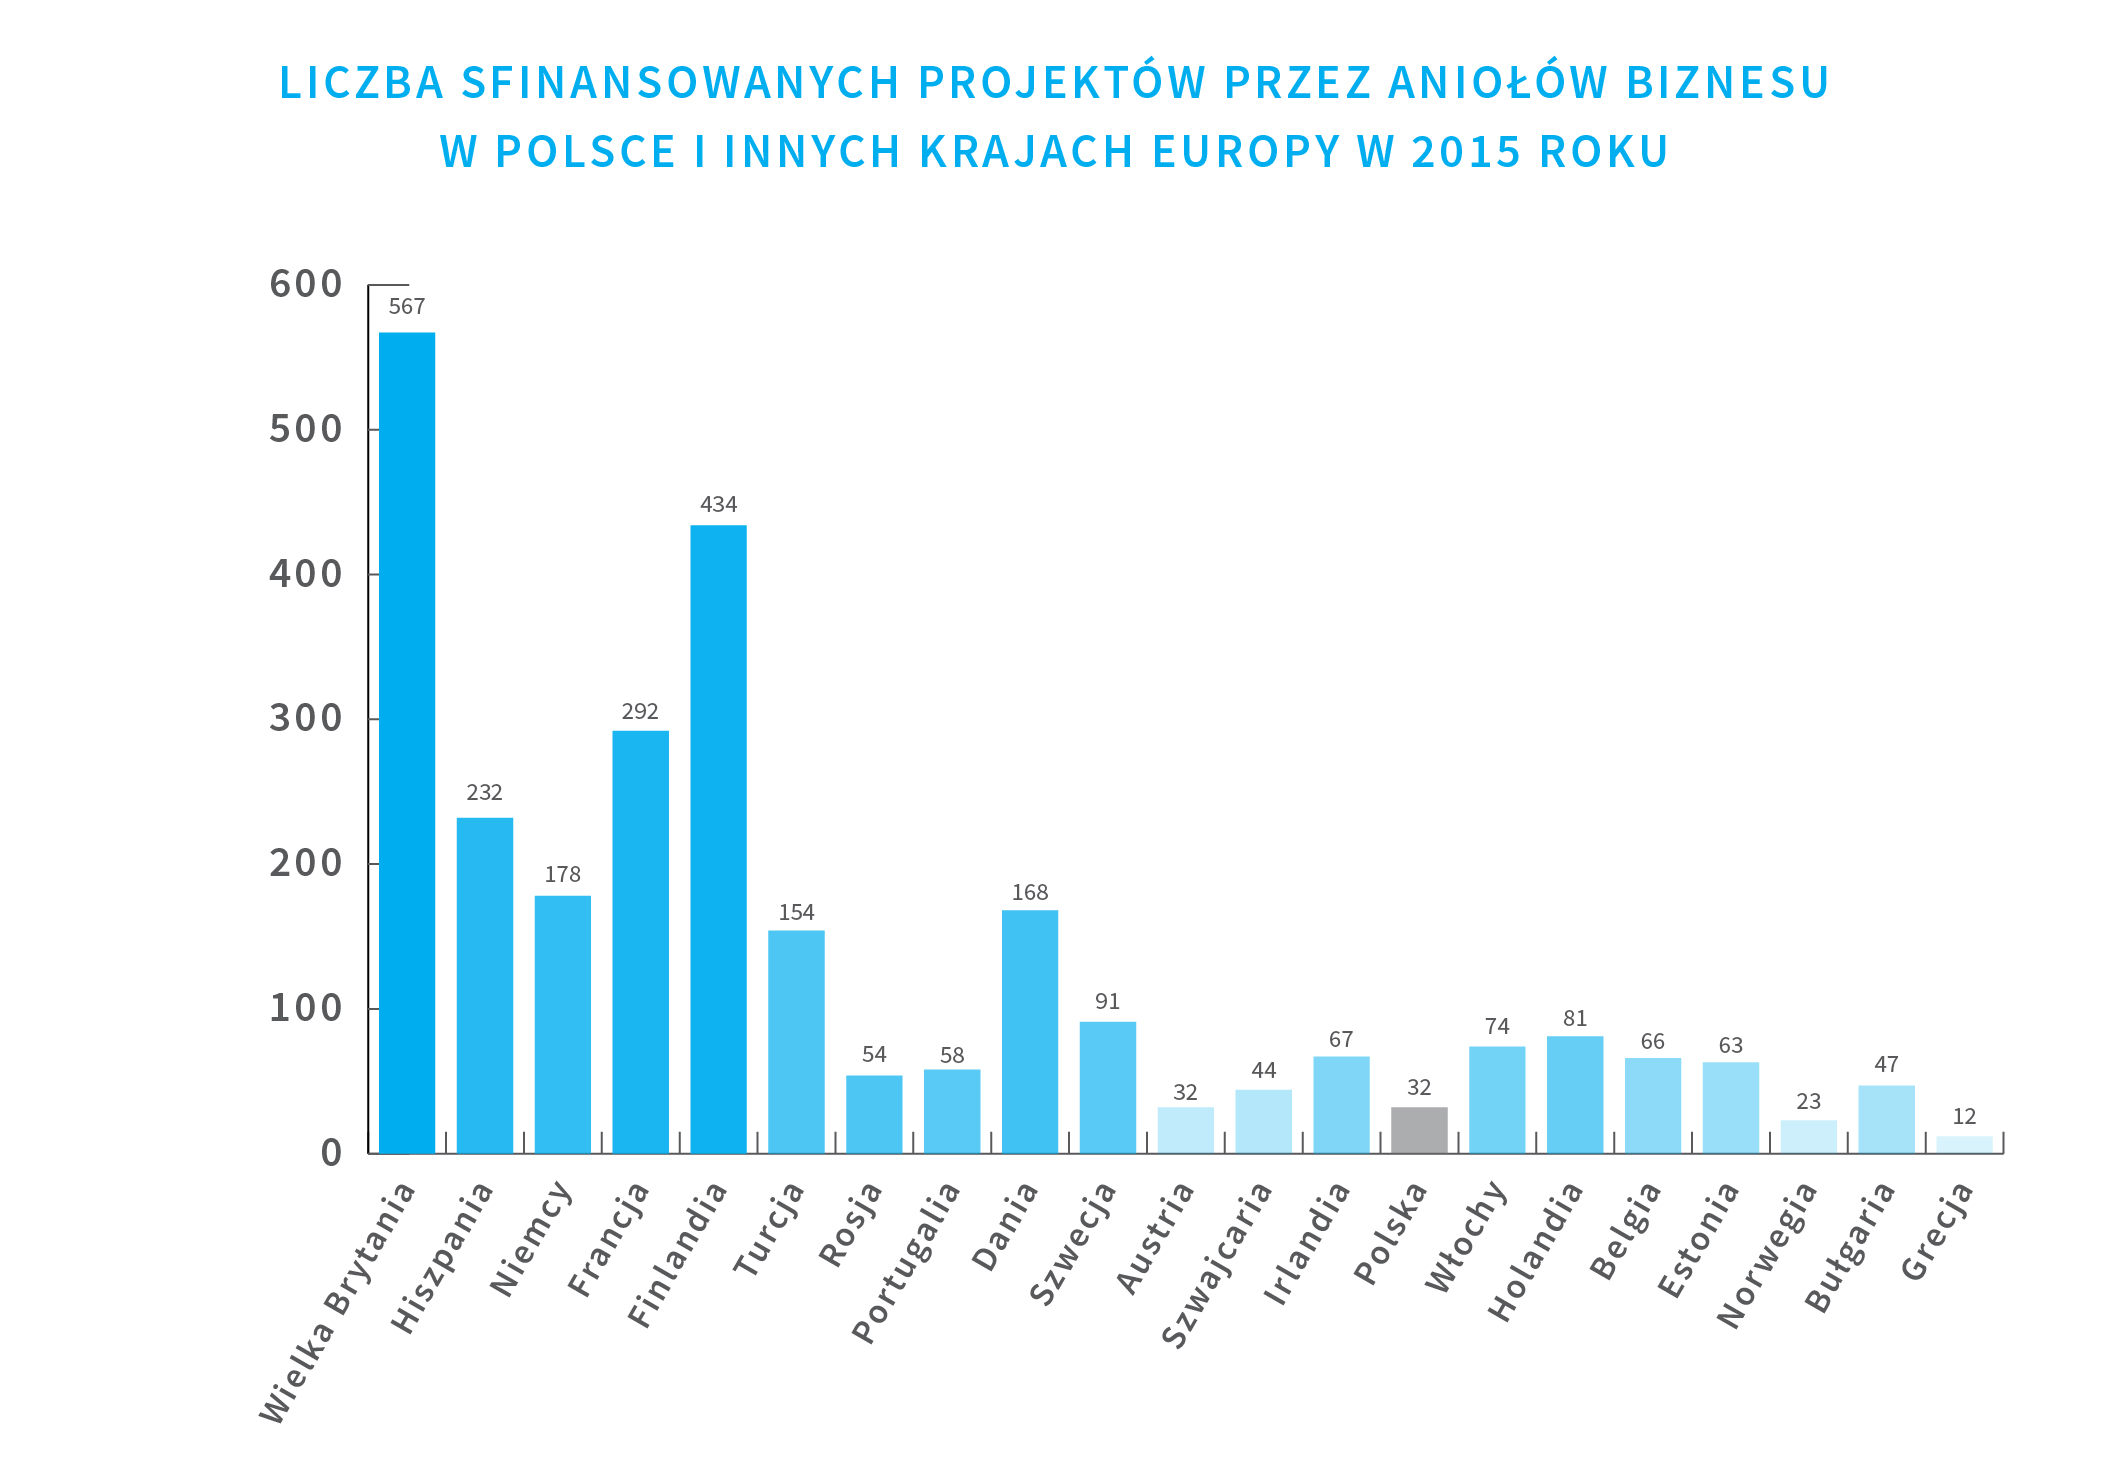 liczba-sfinansowanych-projektow-przez-aniolow-biznesu-w-polsce-i-innych-krajach-europy-w-2015-rok